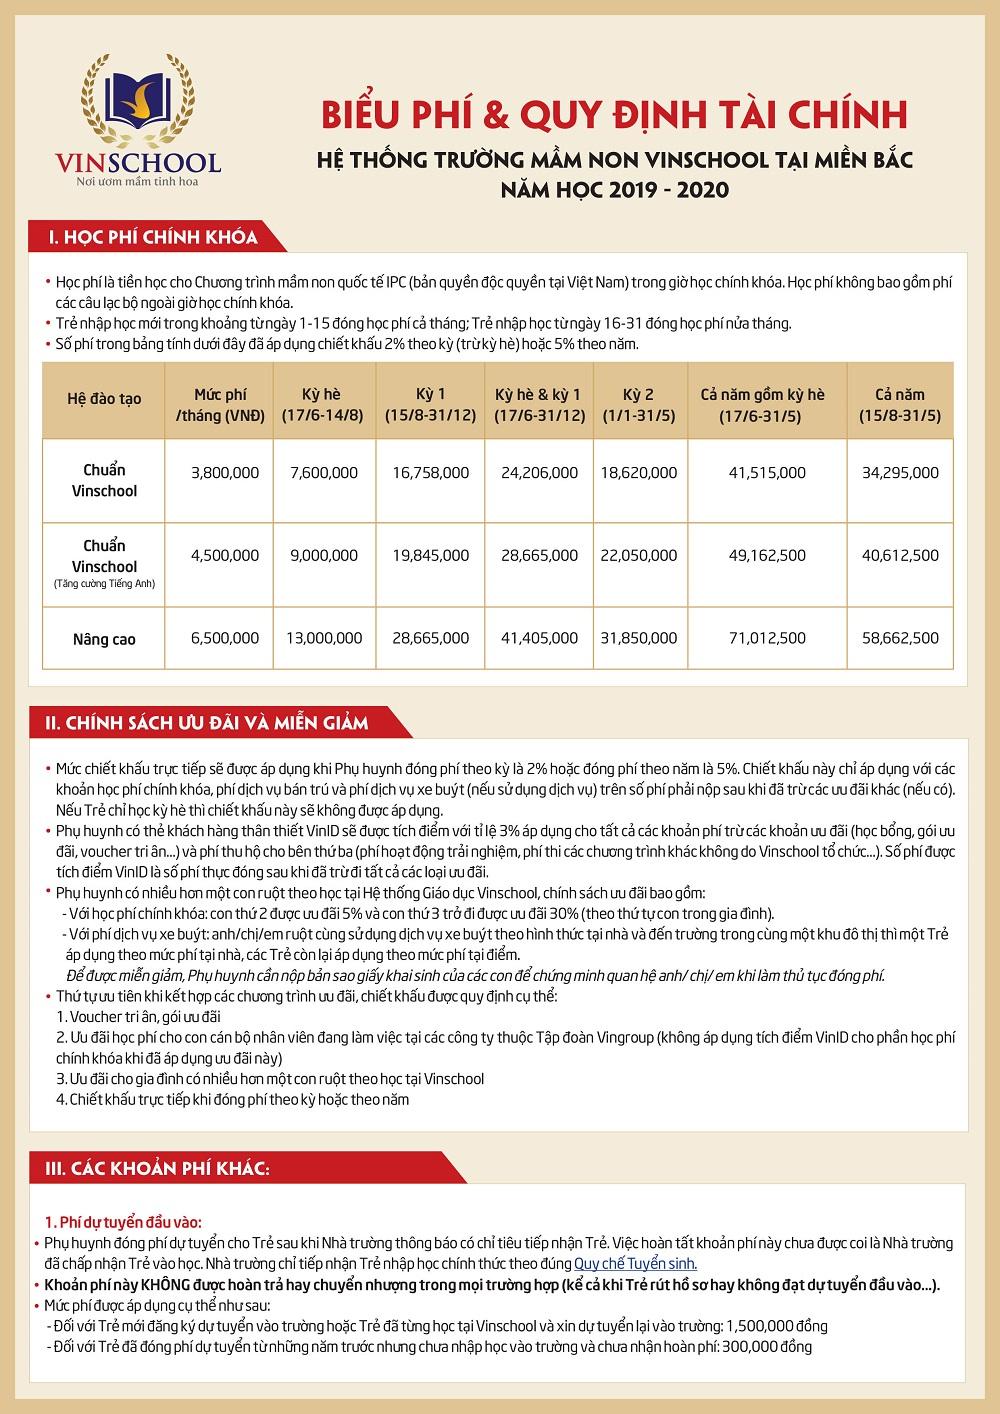 Biểu phí mầm non Vinschool